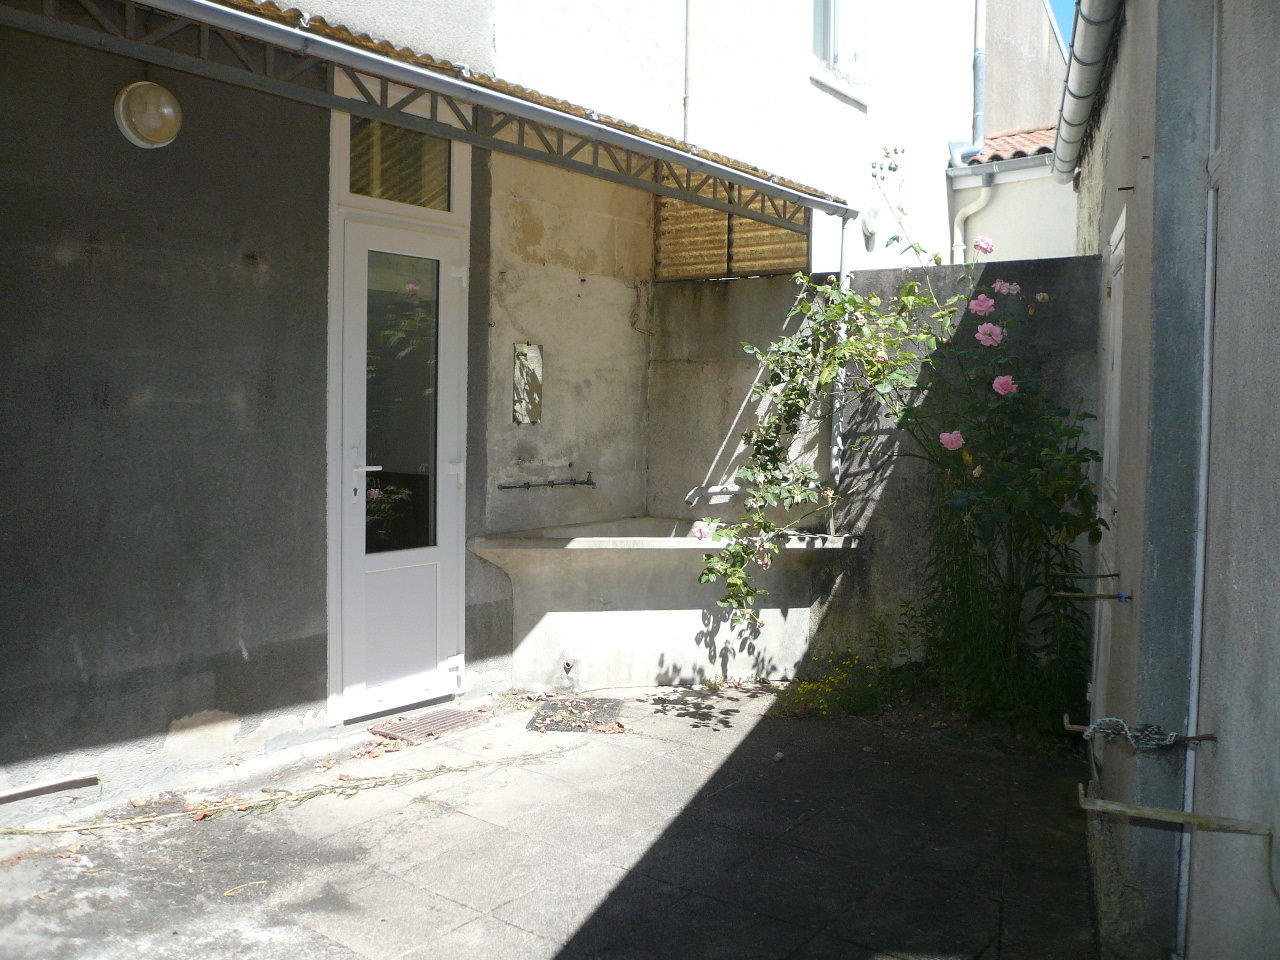 Maison de ville - 3 pièces - Thouars - 63.64 m² (env.)